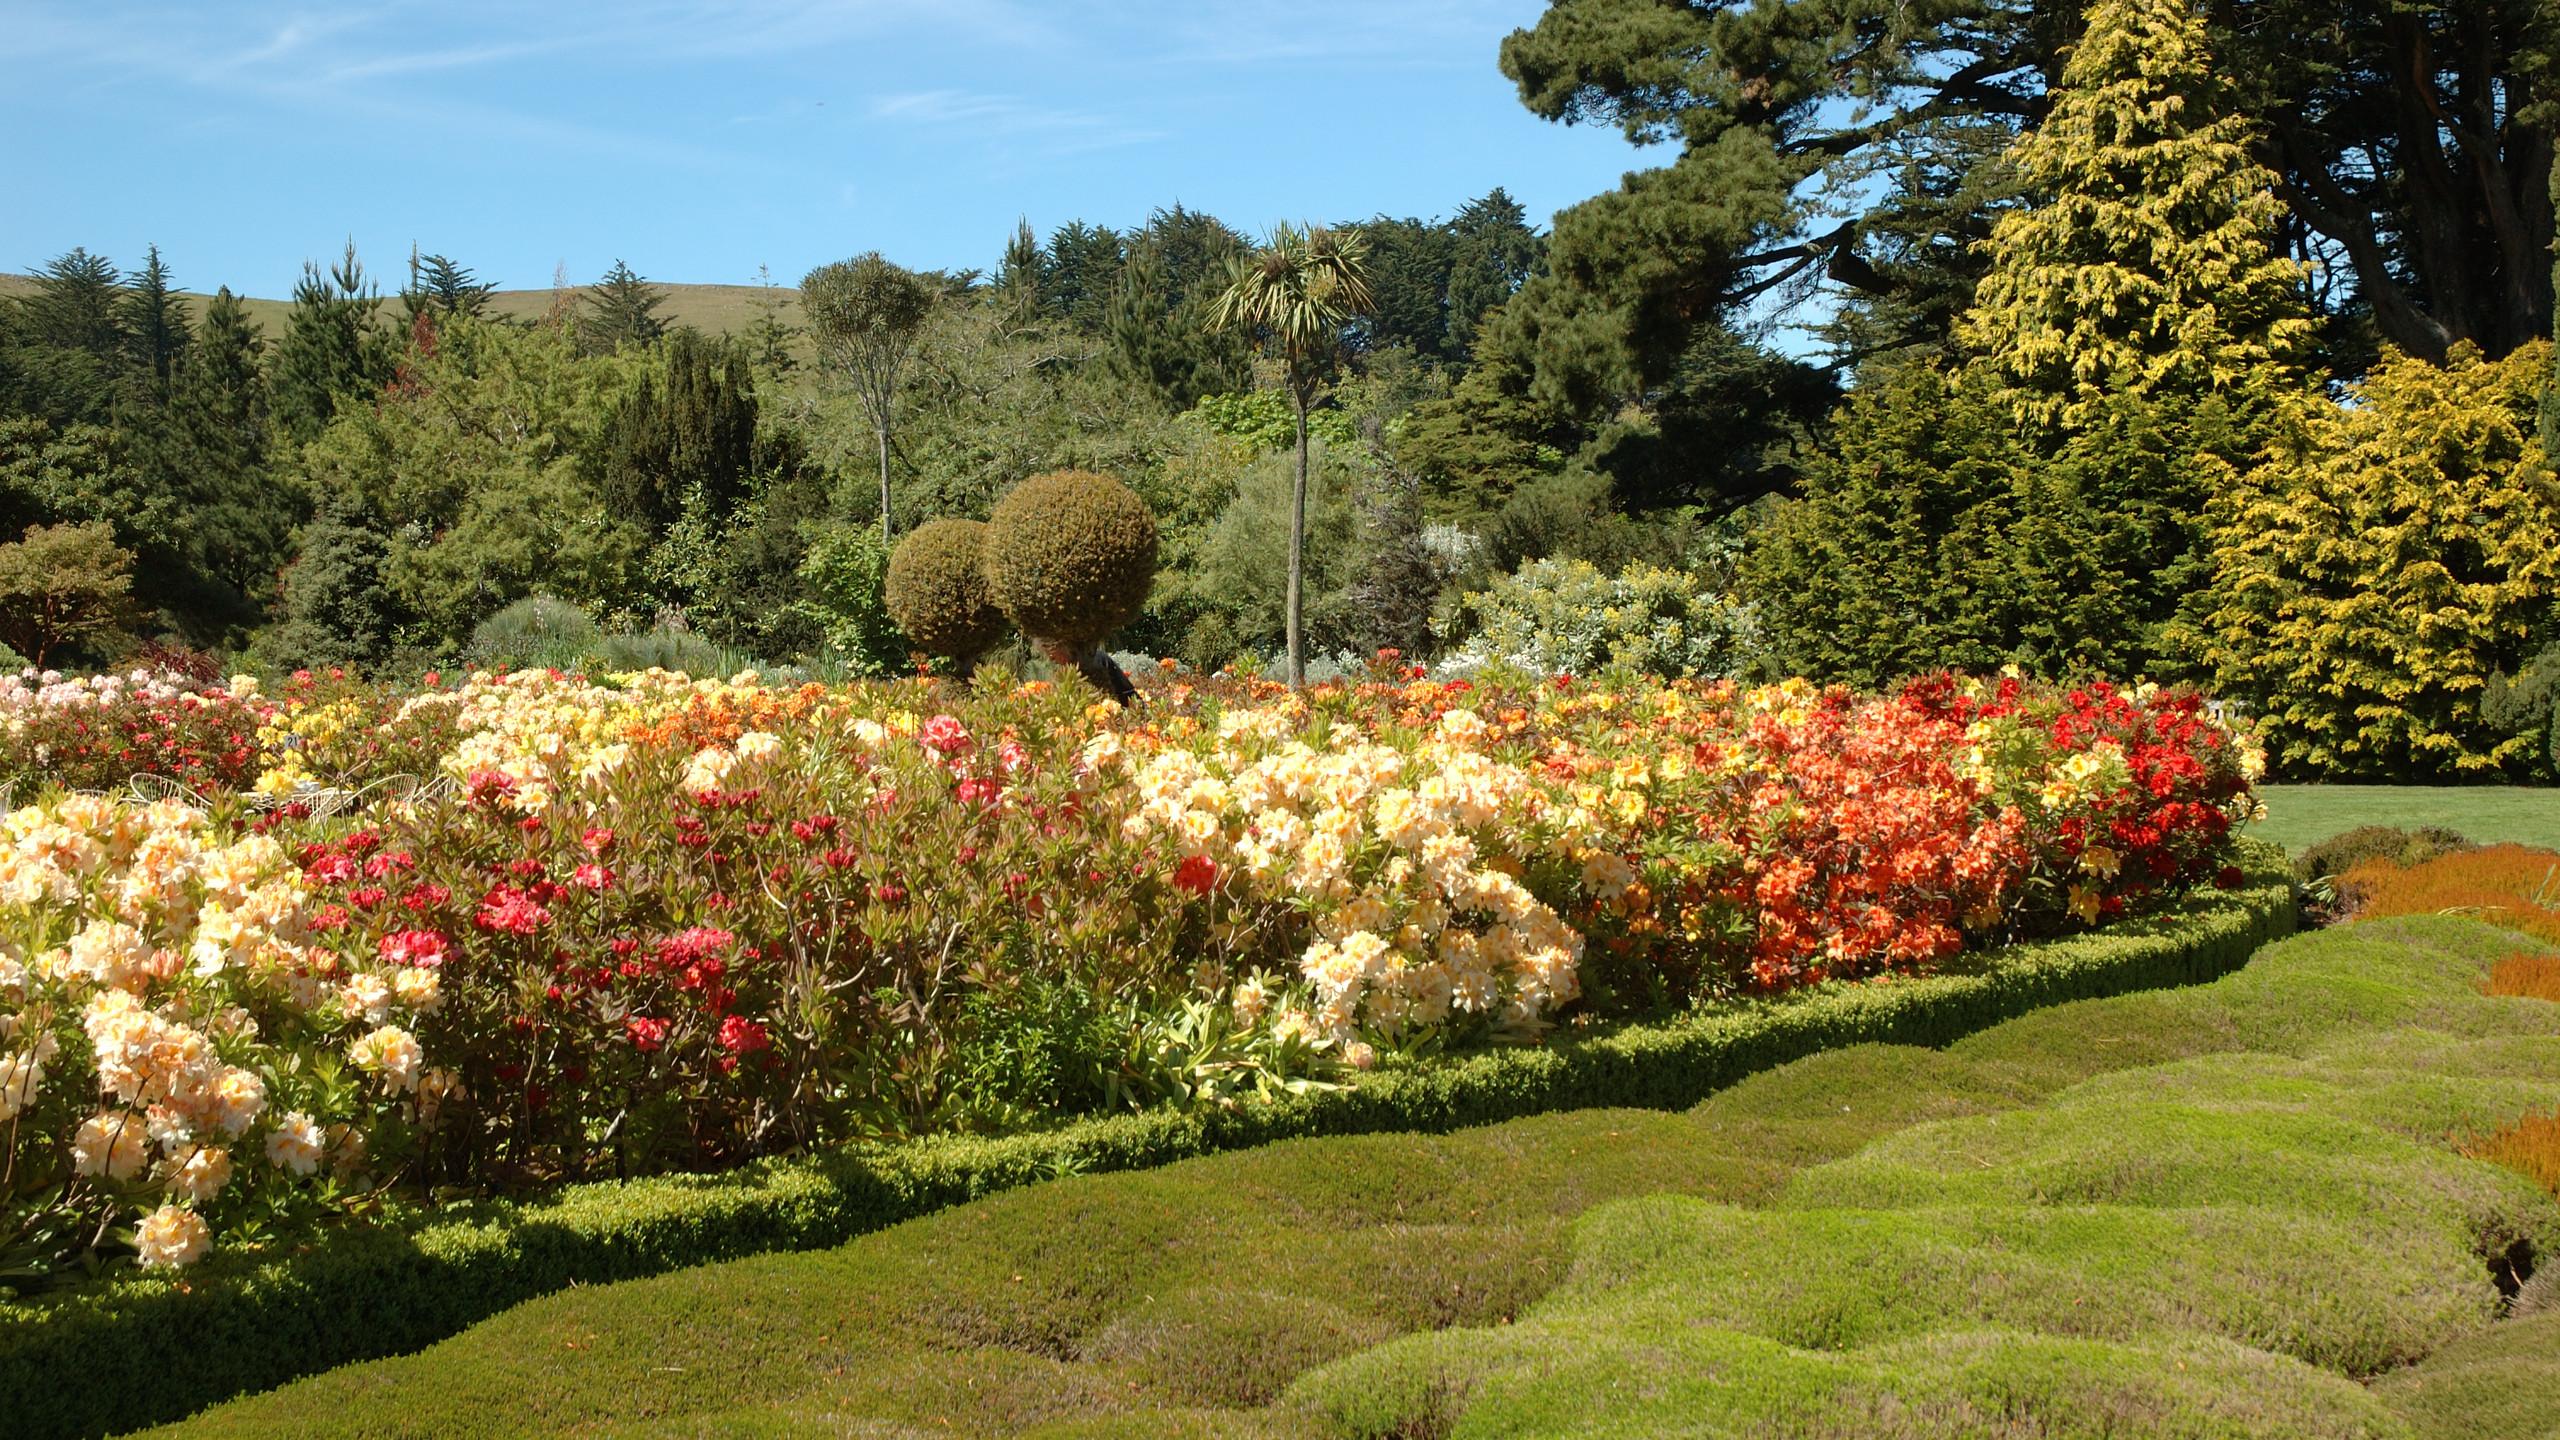 Сады замка Ларнак, Данидин, туры в Новую Зеландию